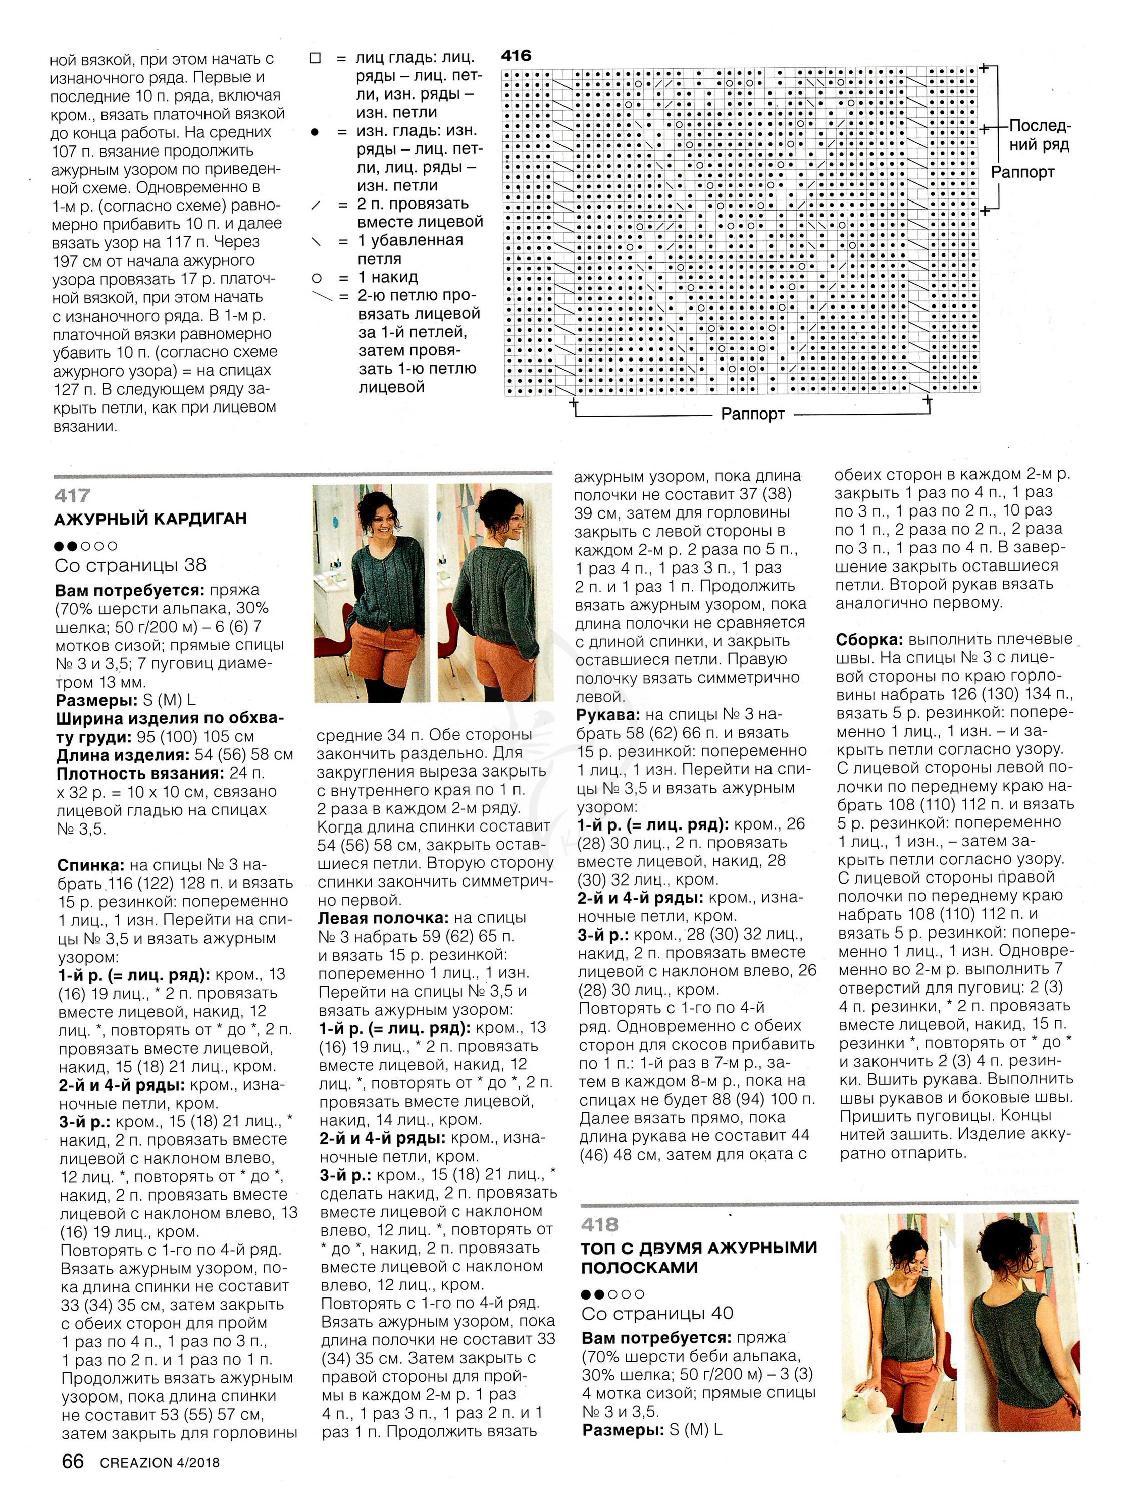 Page_00066b9b43d3783ea8c0b.jpg